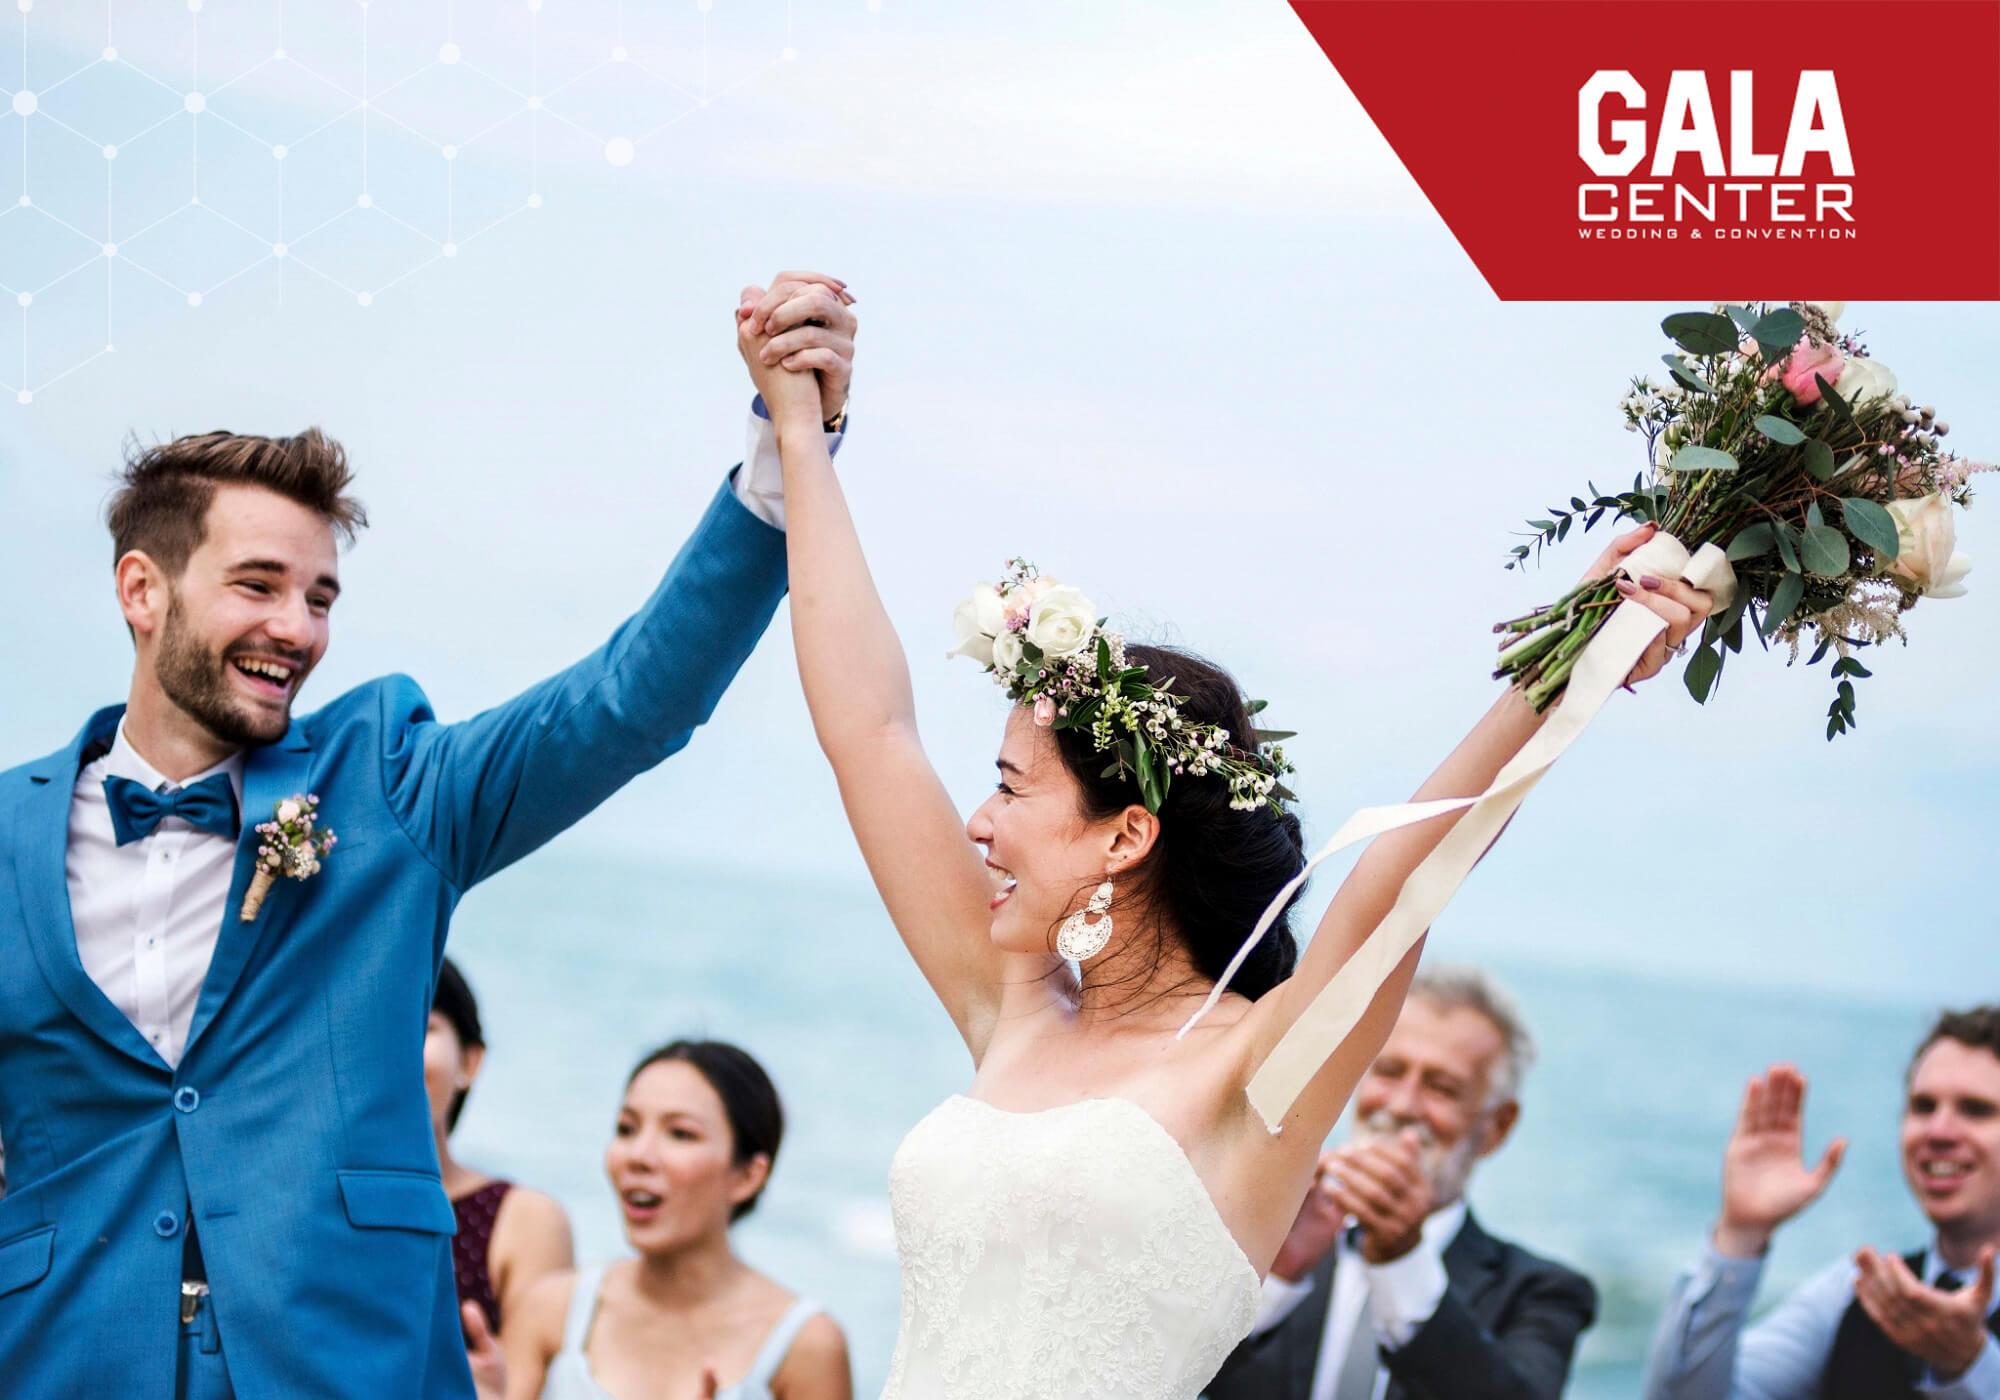 Những điều cần lưu ý khi lập kế hoạch ngân sách cho tiệc cưới